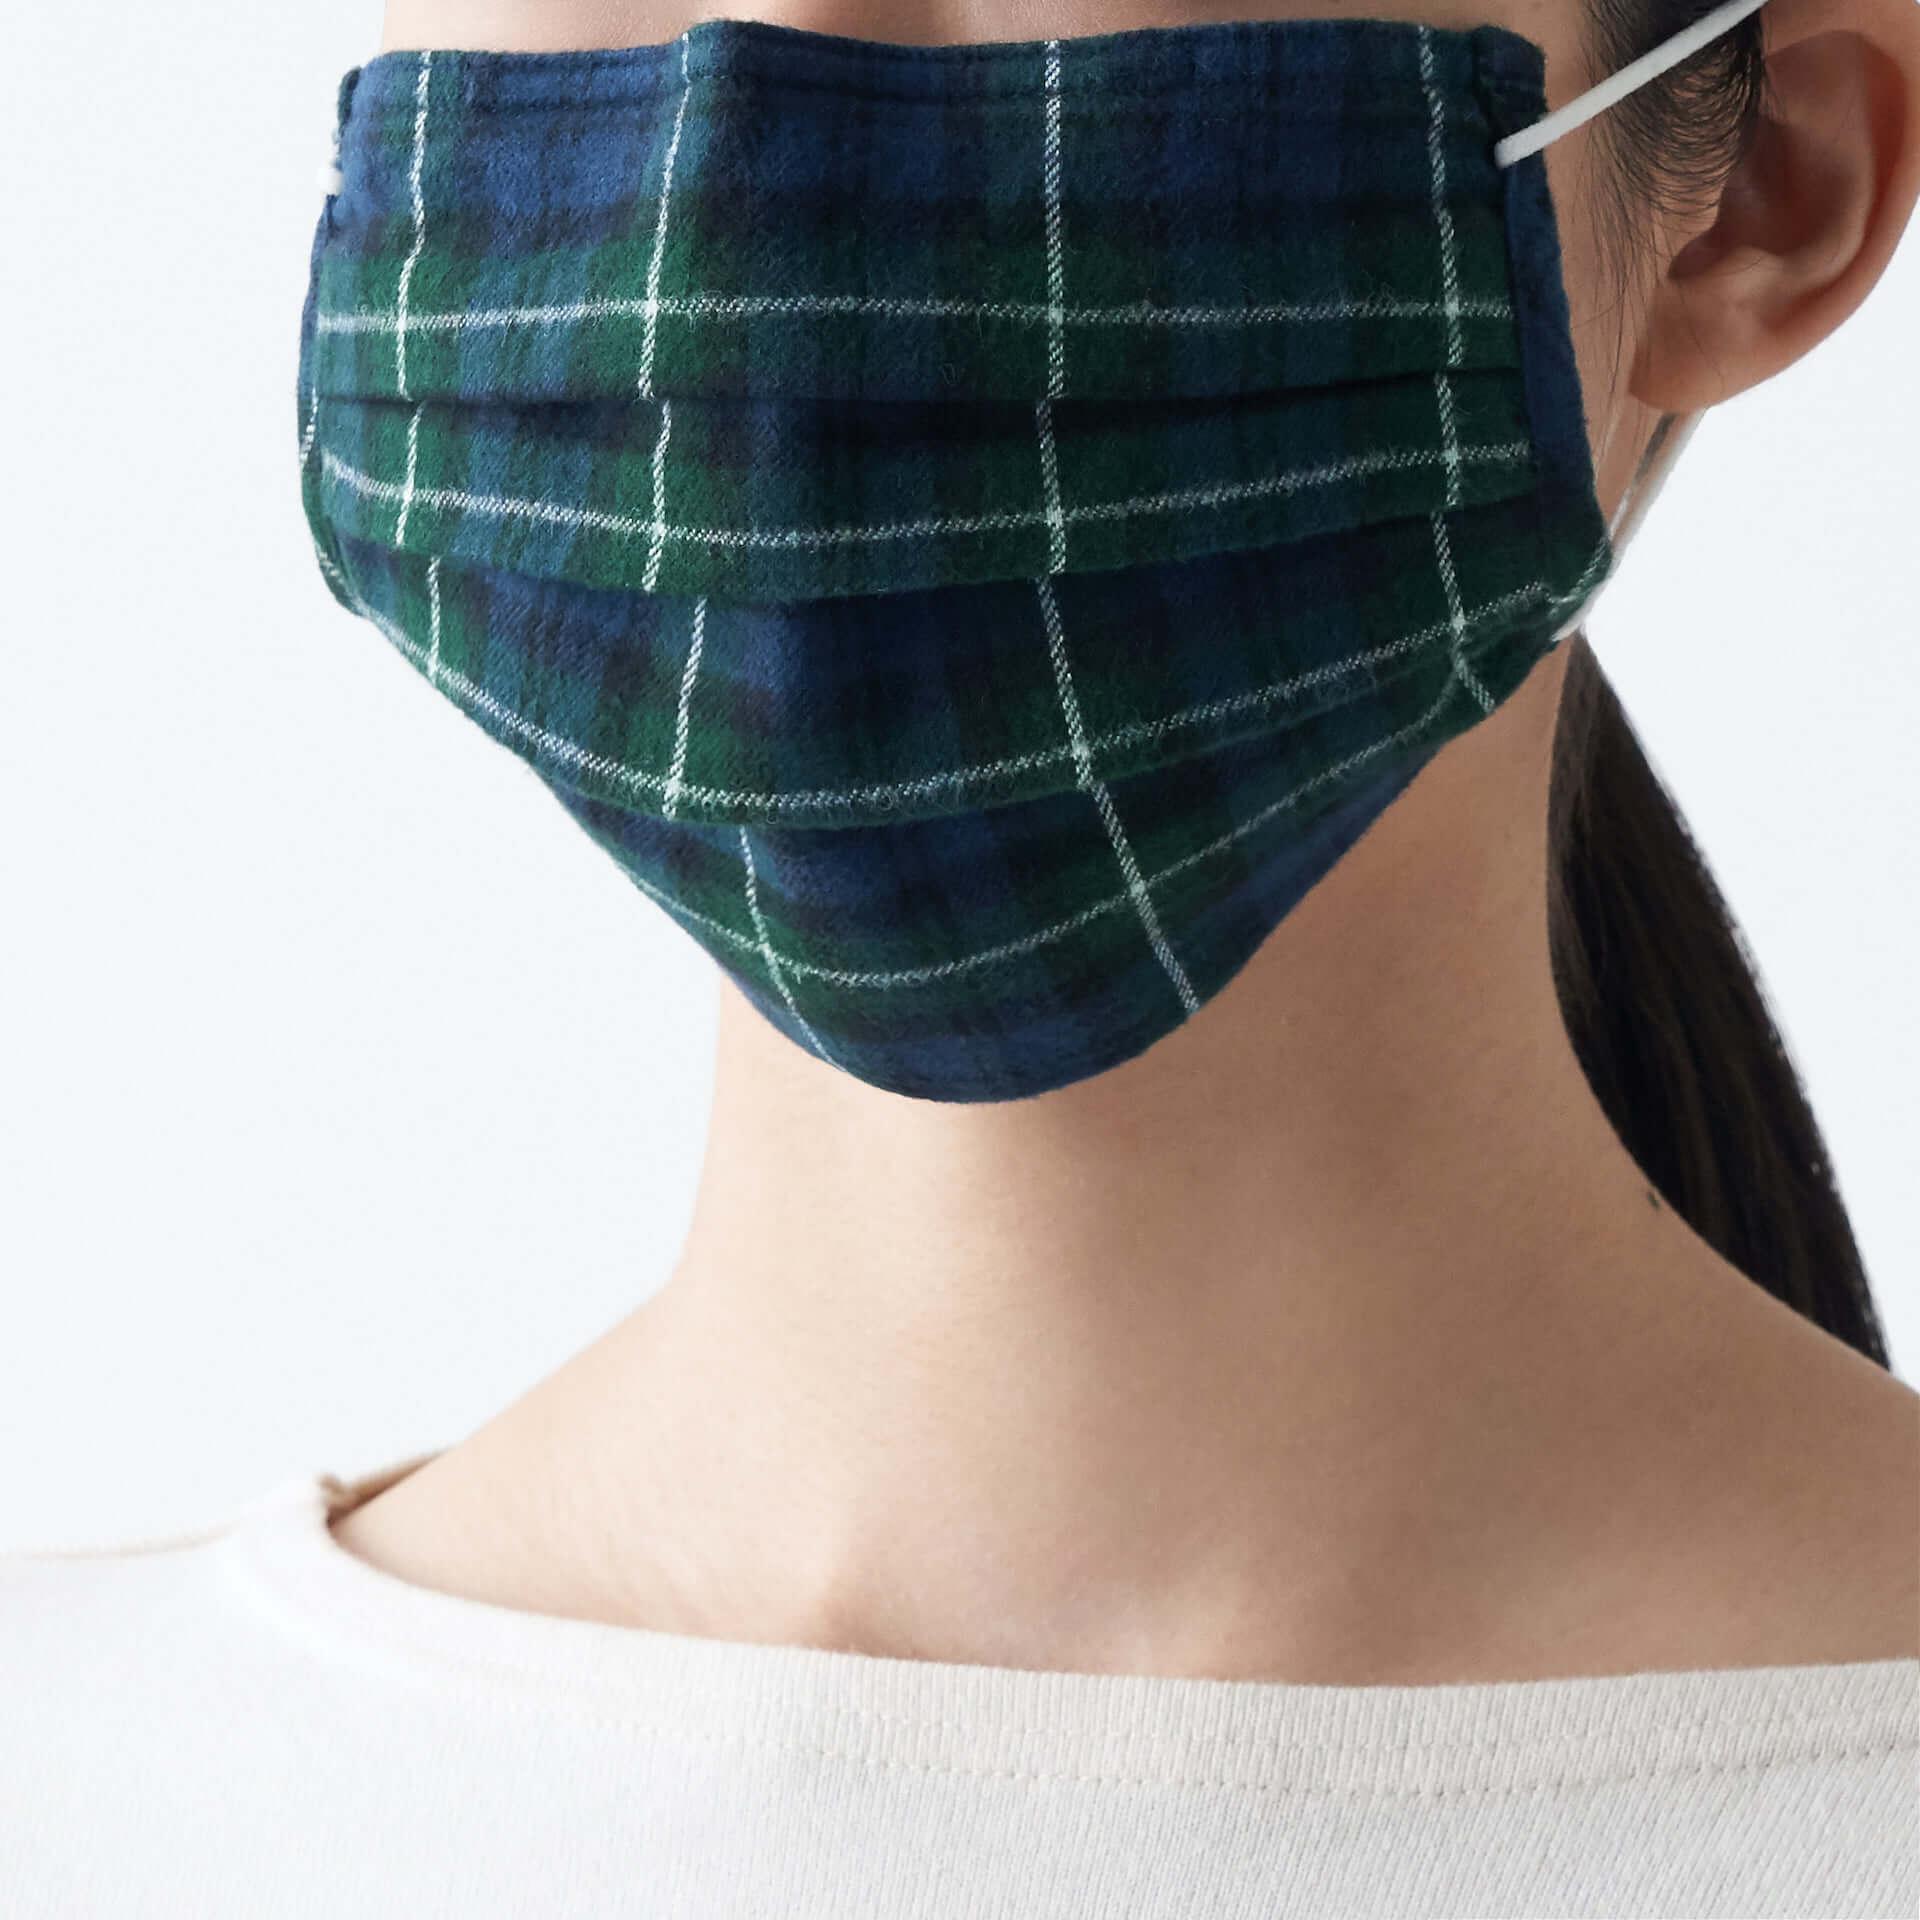 無印良品が秋向けにコーデュロイ、フランネル素材などを使用したマスク全3種を発表!オーガニックコットンの残布を再利用 lf201008_muji-mask_1-1920x1920